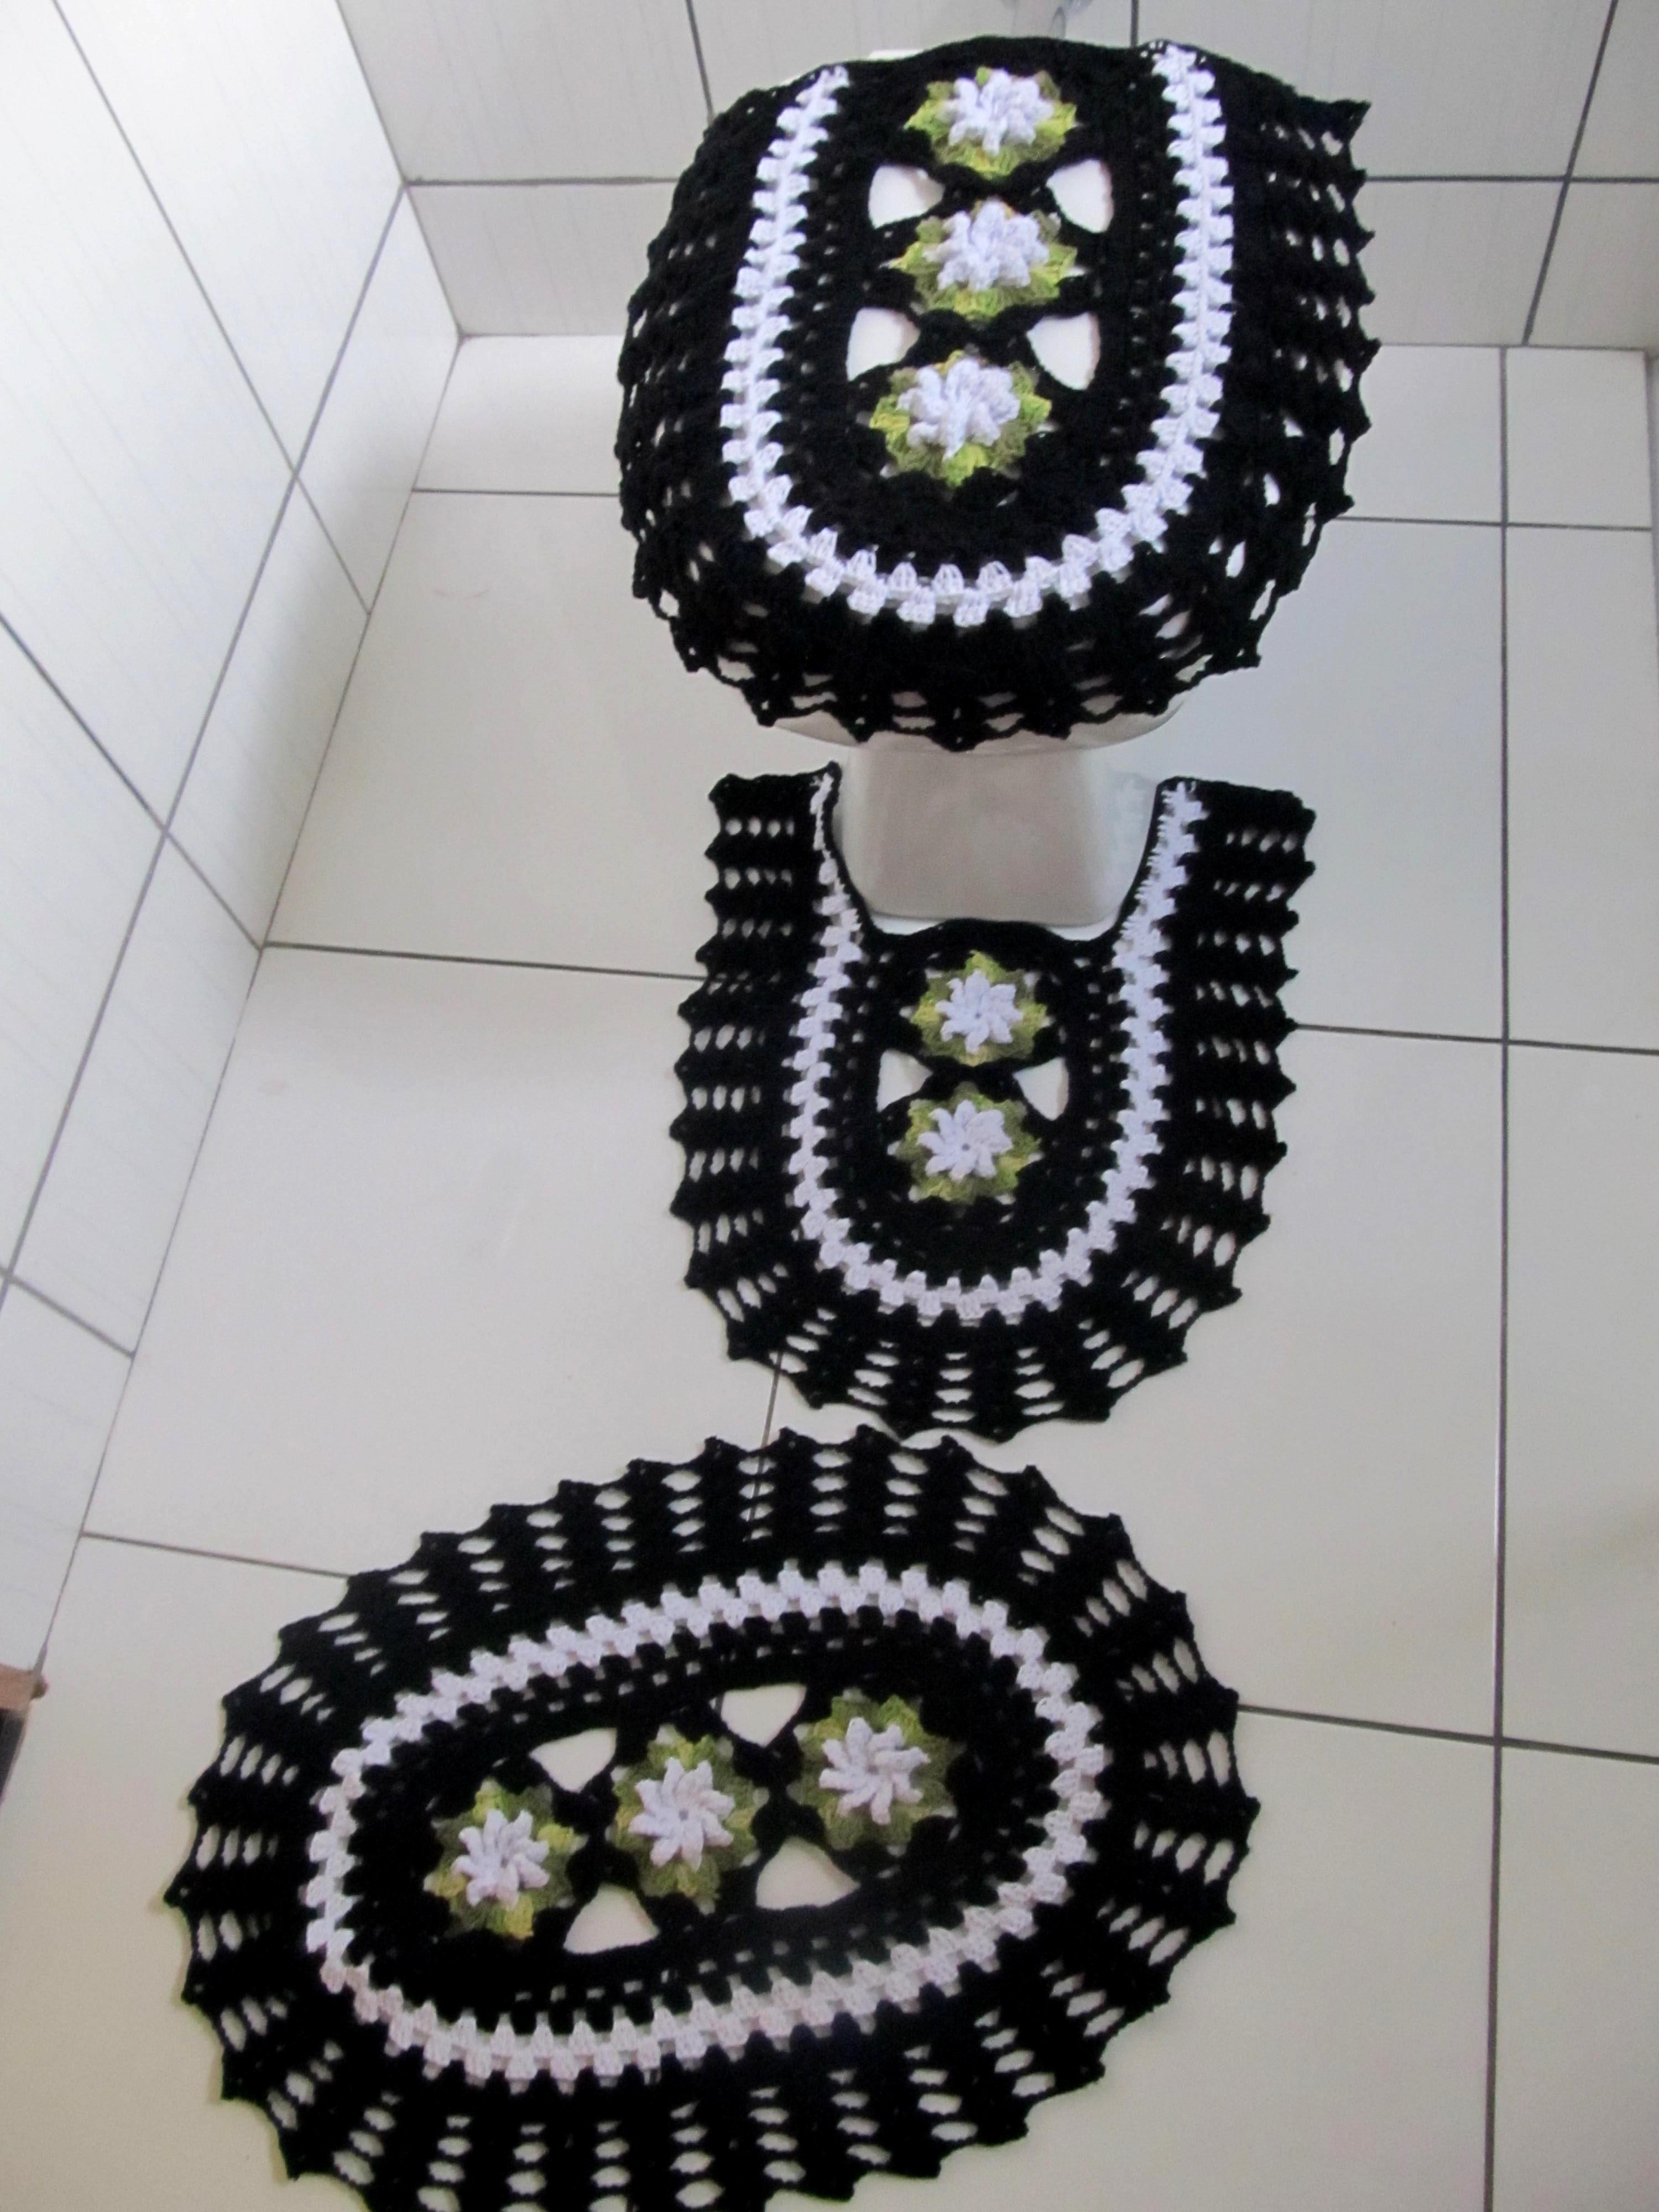 jogo de banheiro 3 pcs preto e branco jogo de banheiro #676B46 3000 4000